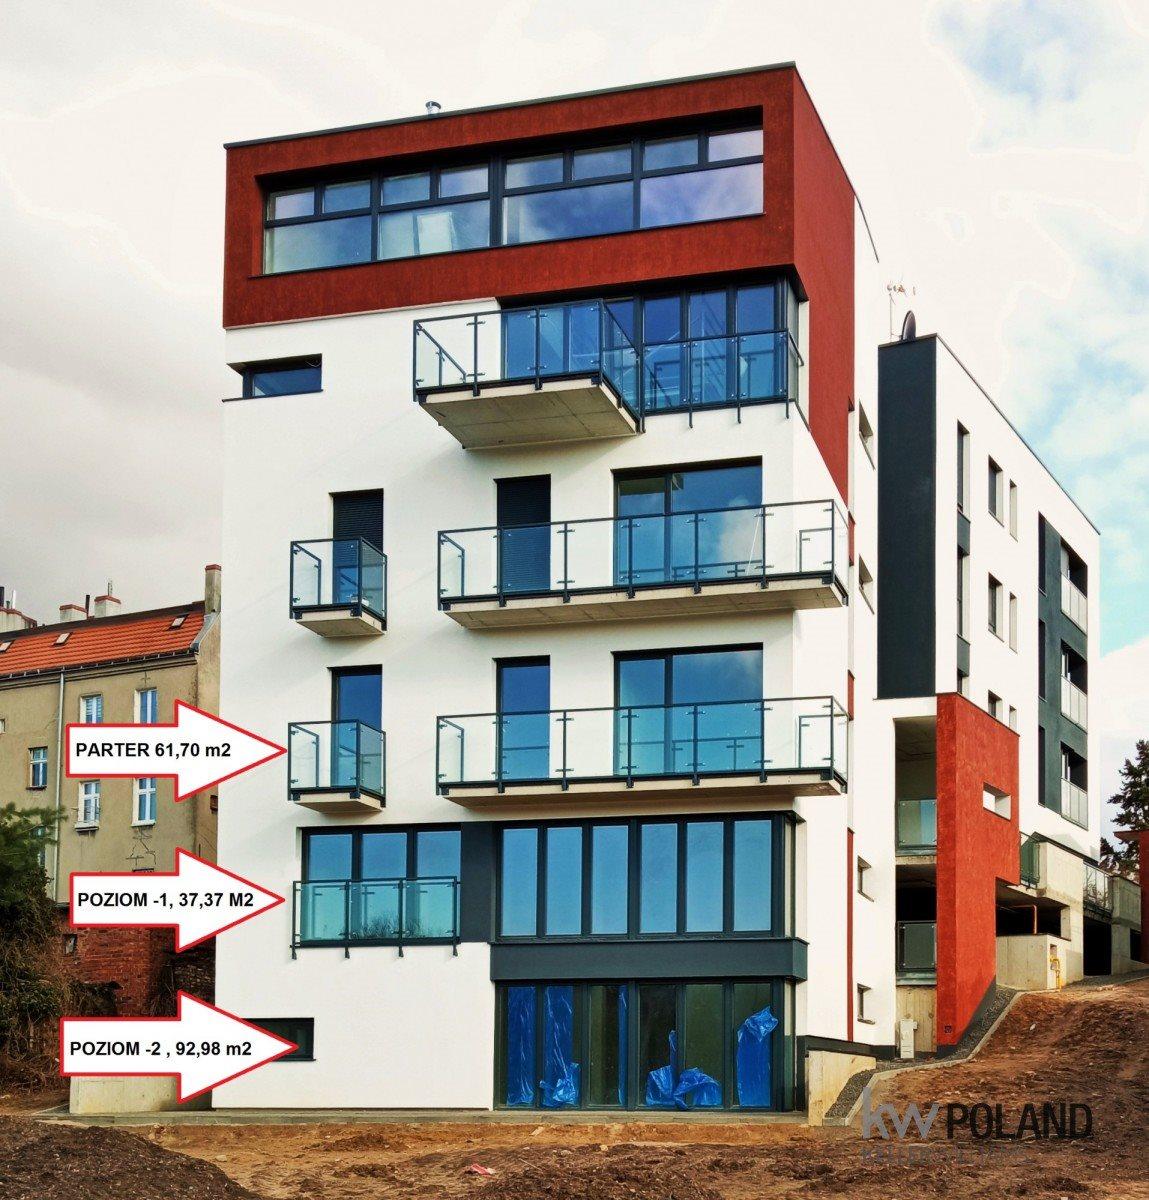 Mieszkanie na sprzedaż Poznań, Starołęka, Orląt  194m2 Foto 2